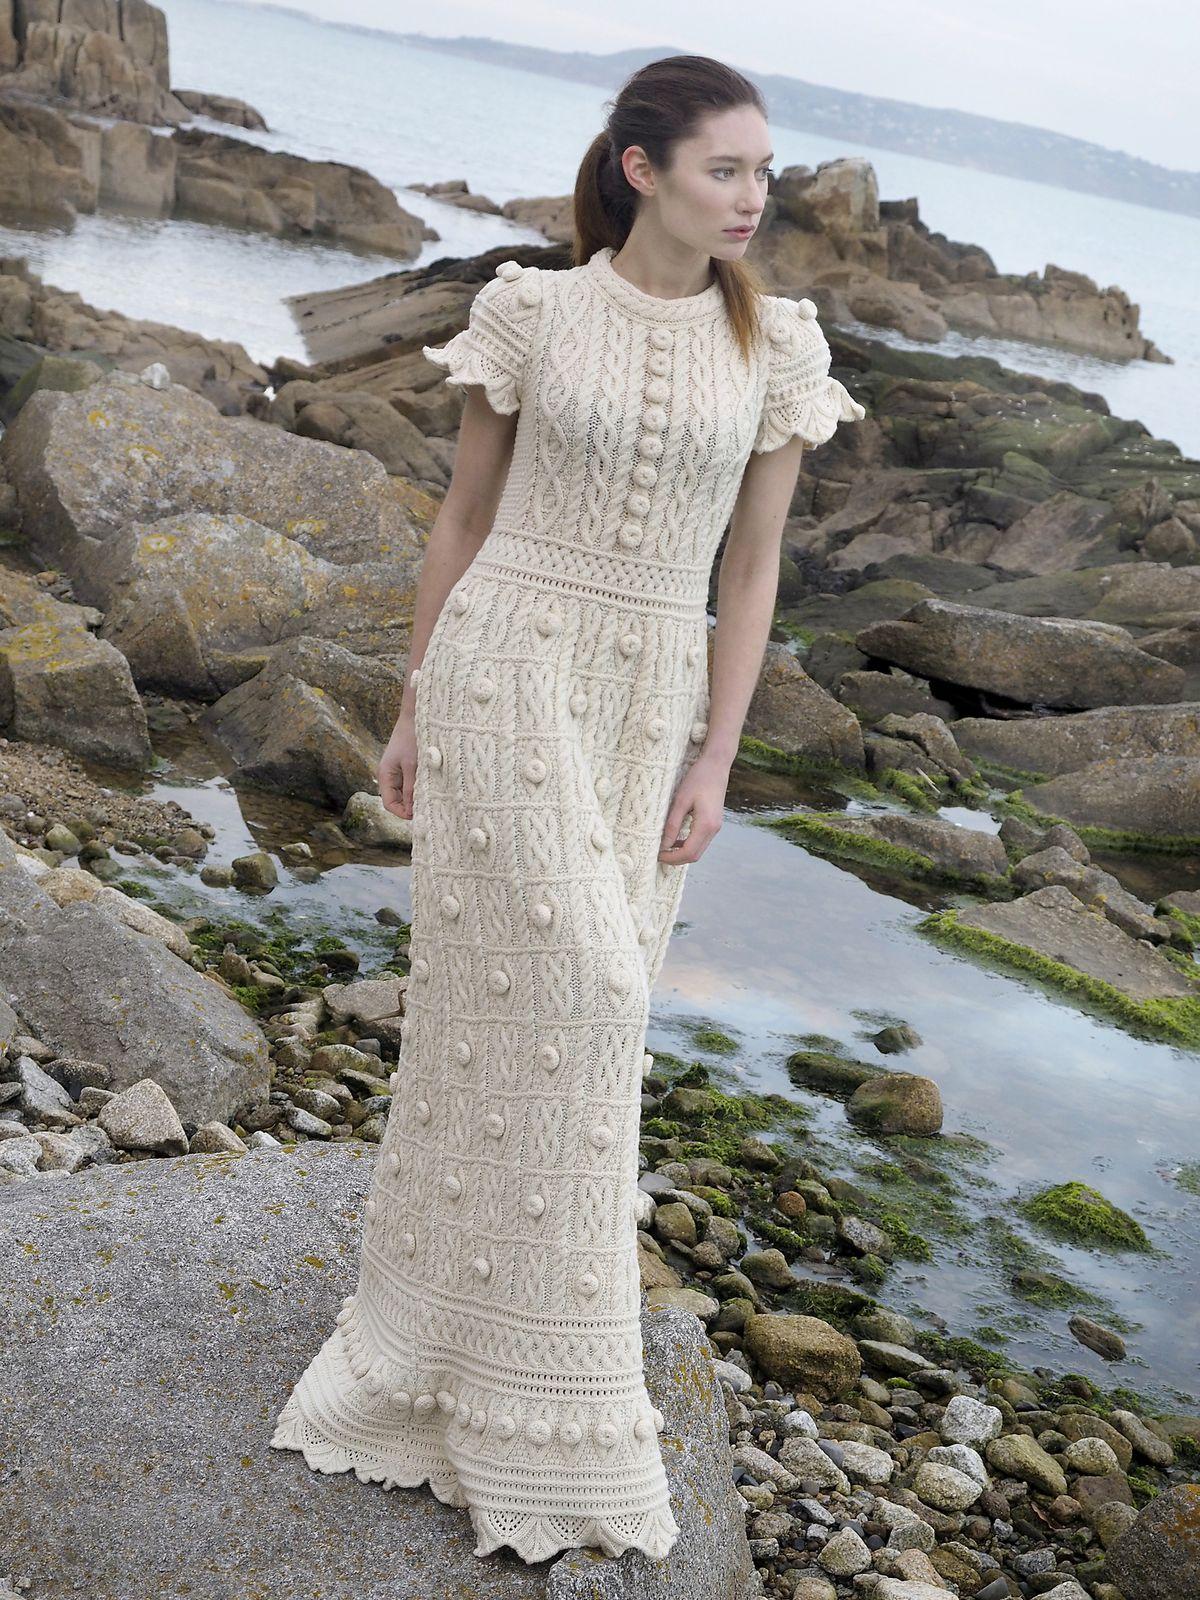 Knitted wedding dress  Knitted dress  crochet creations  Pinterest  Crochet Knit